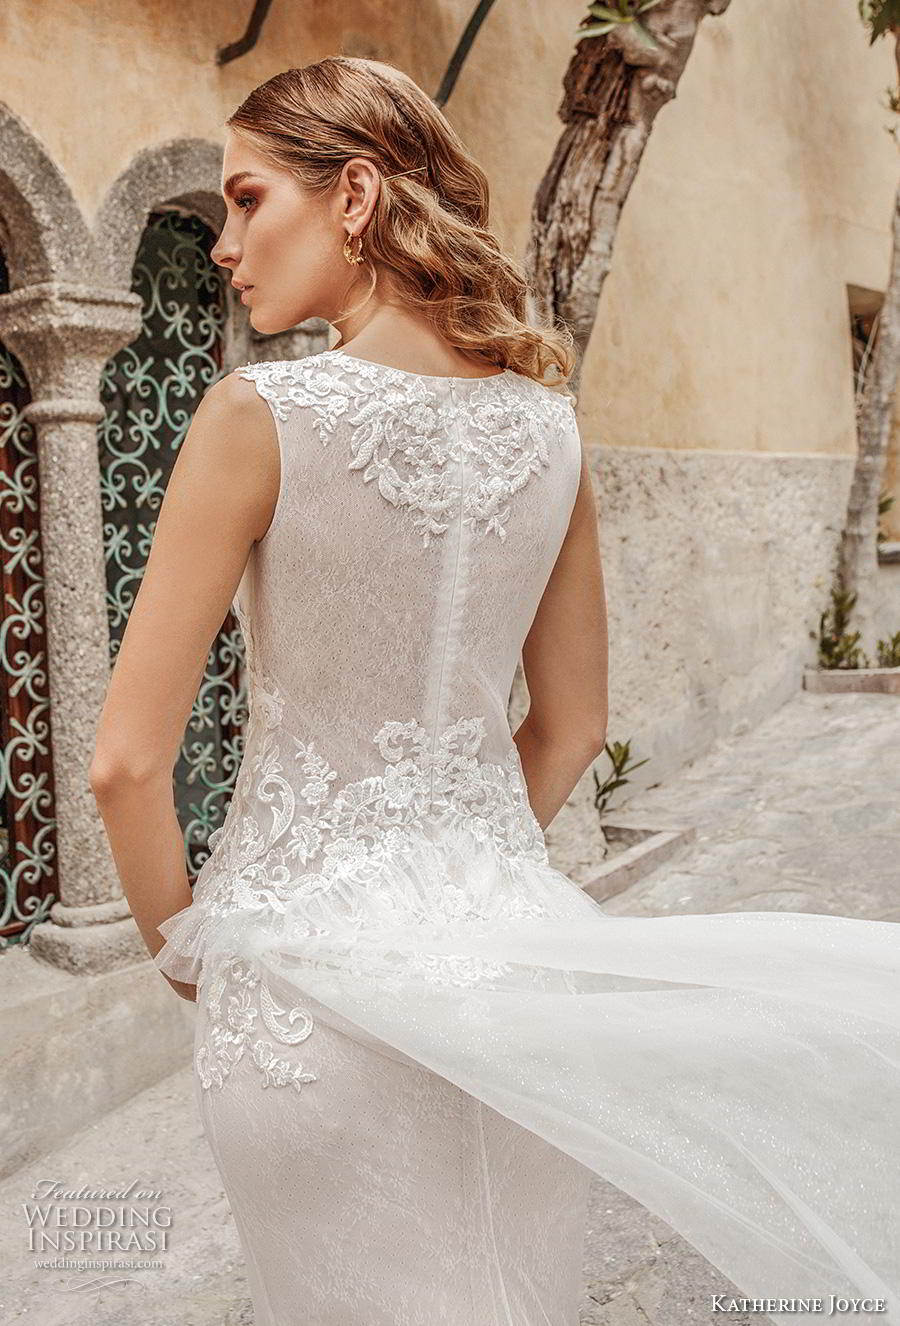 katherine joyce 2019 bridal sleeveless deep plunging v neck heavily embellished bodice peplum romantic sheath wedding dress covered back chapel train (5) zbv